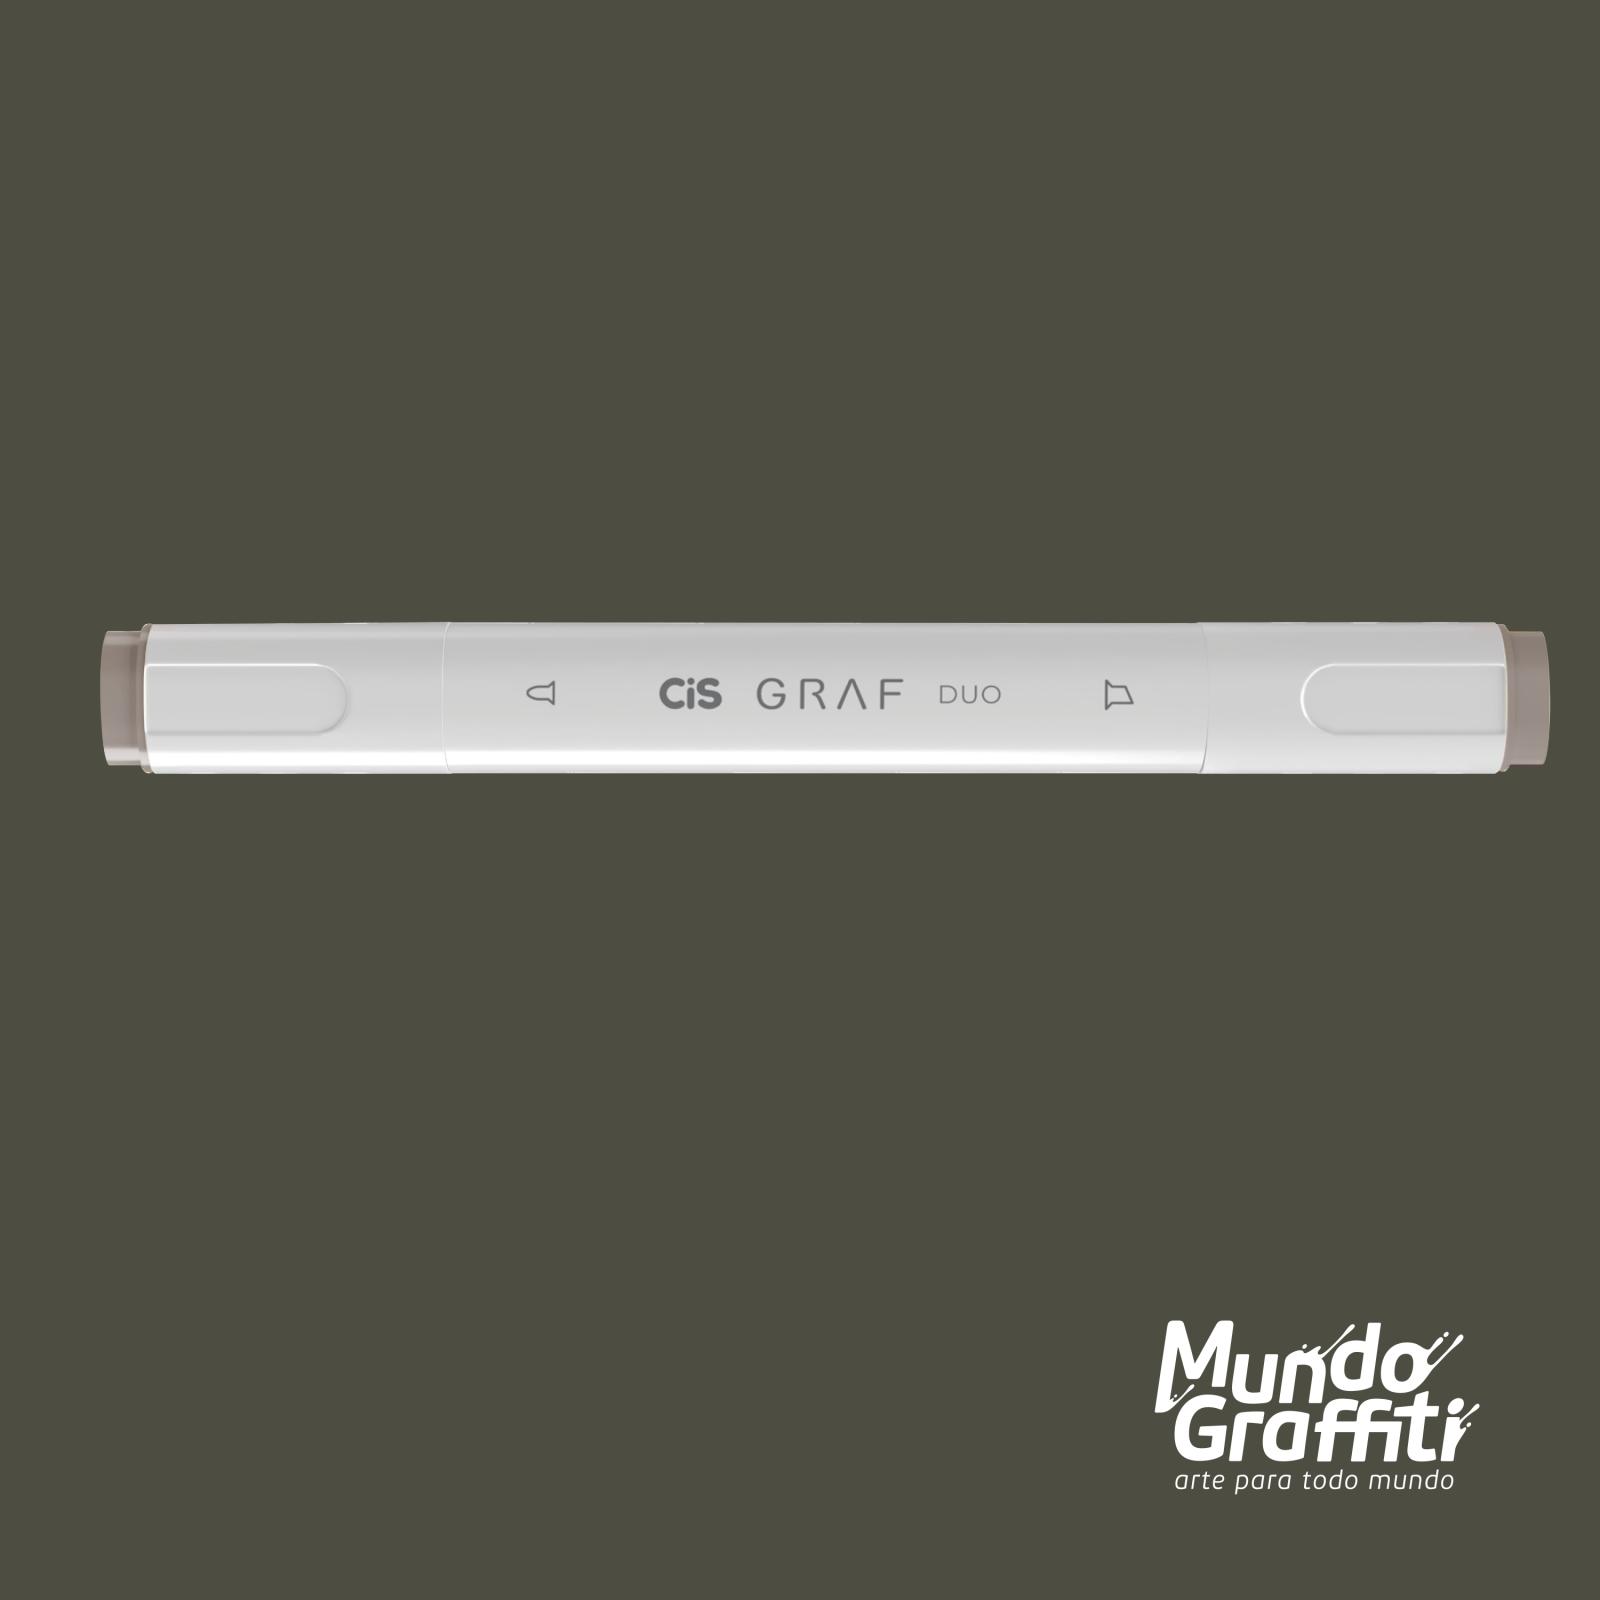 Marcador Cis Graf Duo Warm Grey WG6 - Mundo Graffiti